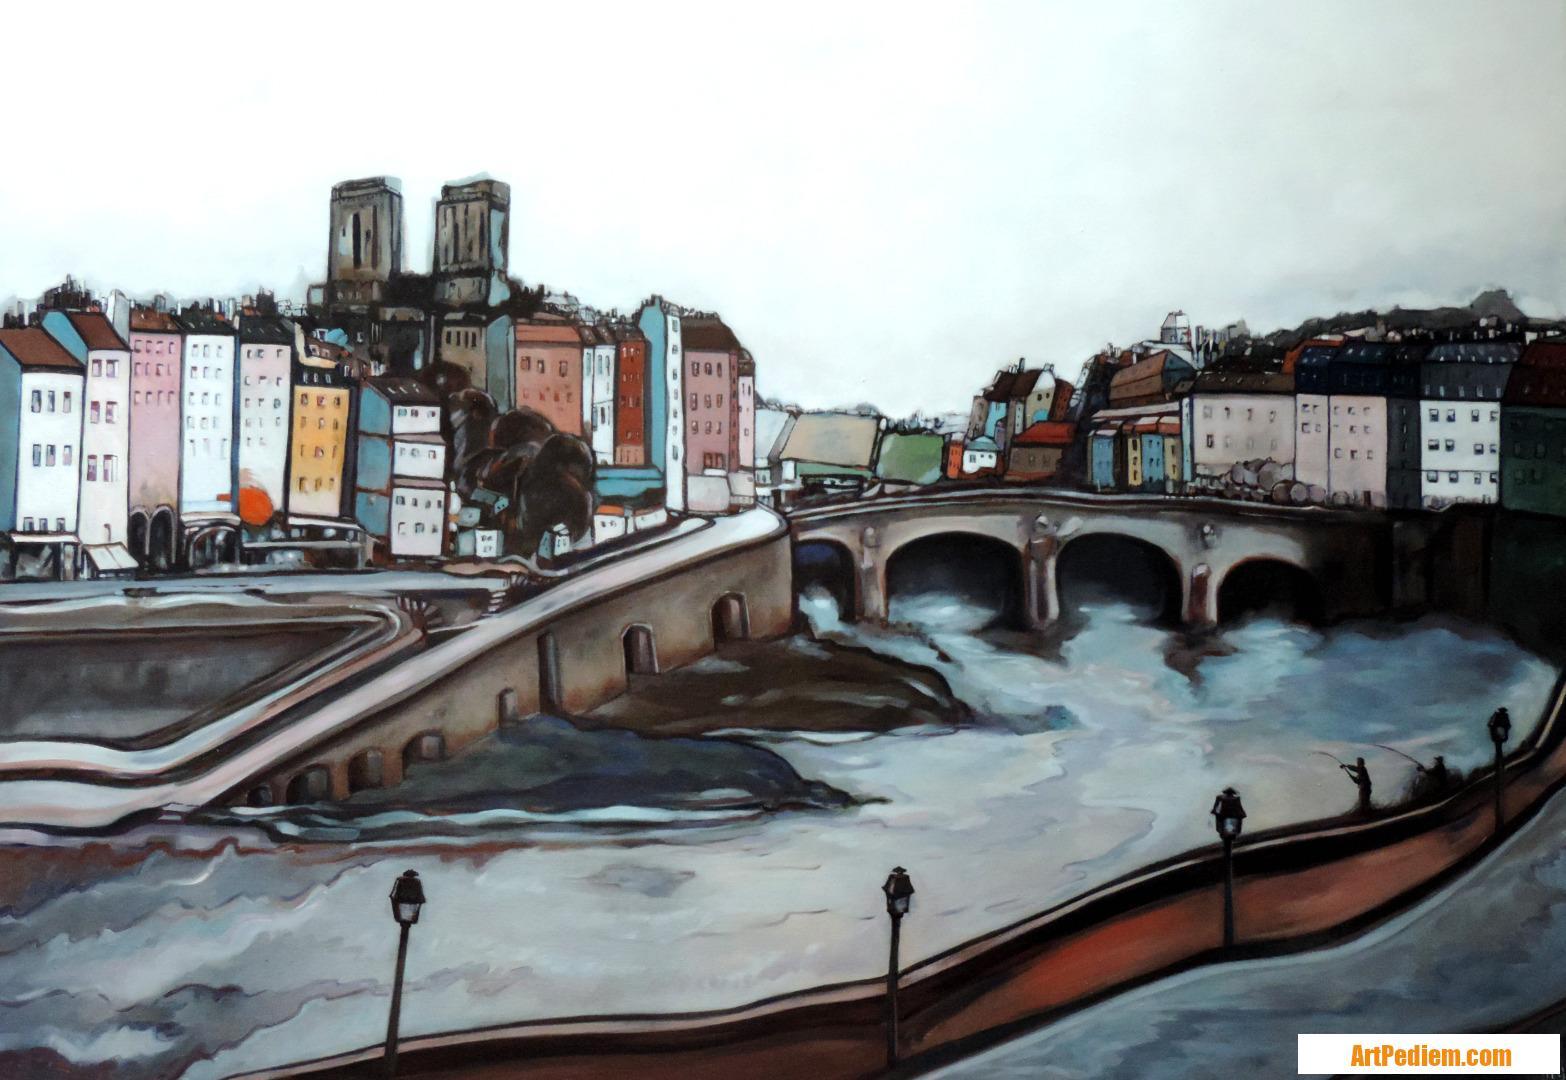 Oeuvre Partie de pêche sur la Seine de l'Artiste Hugues Renck